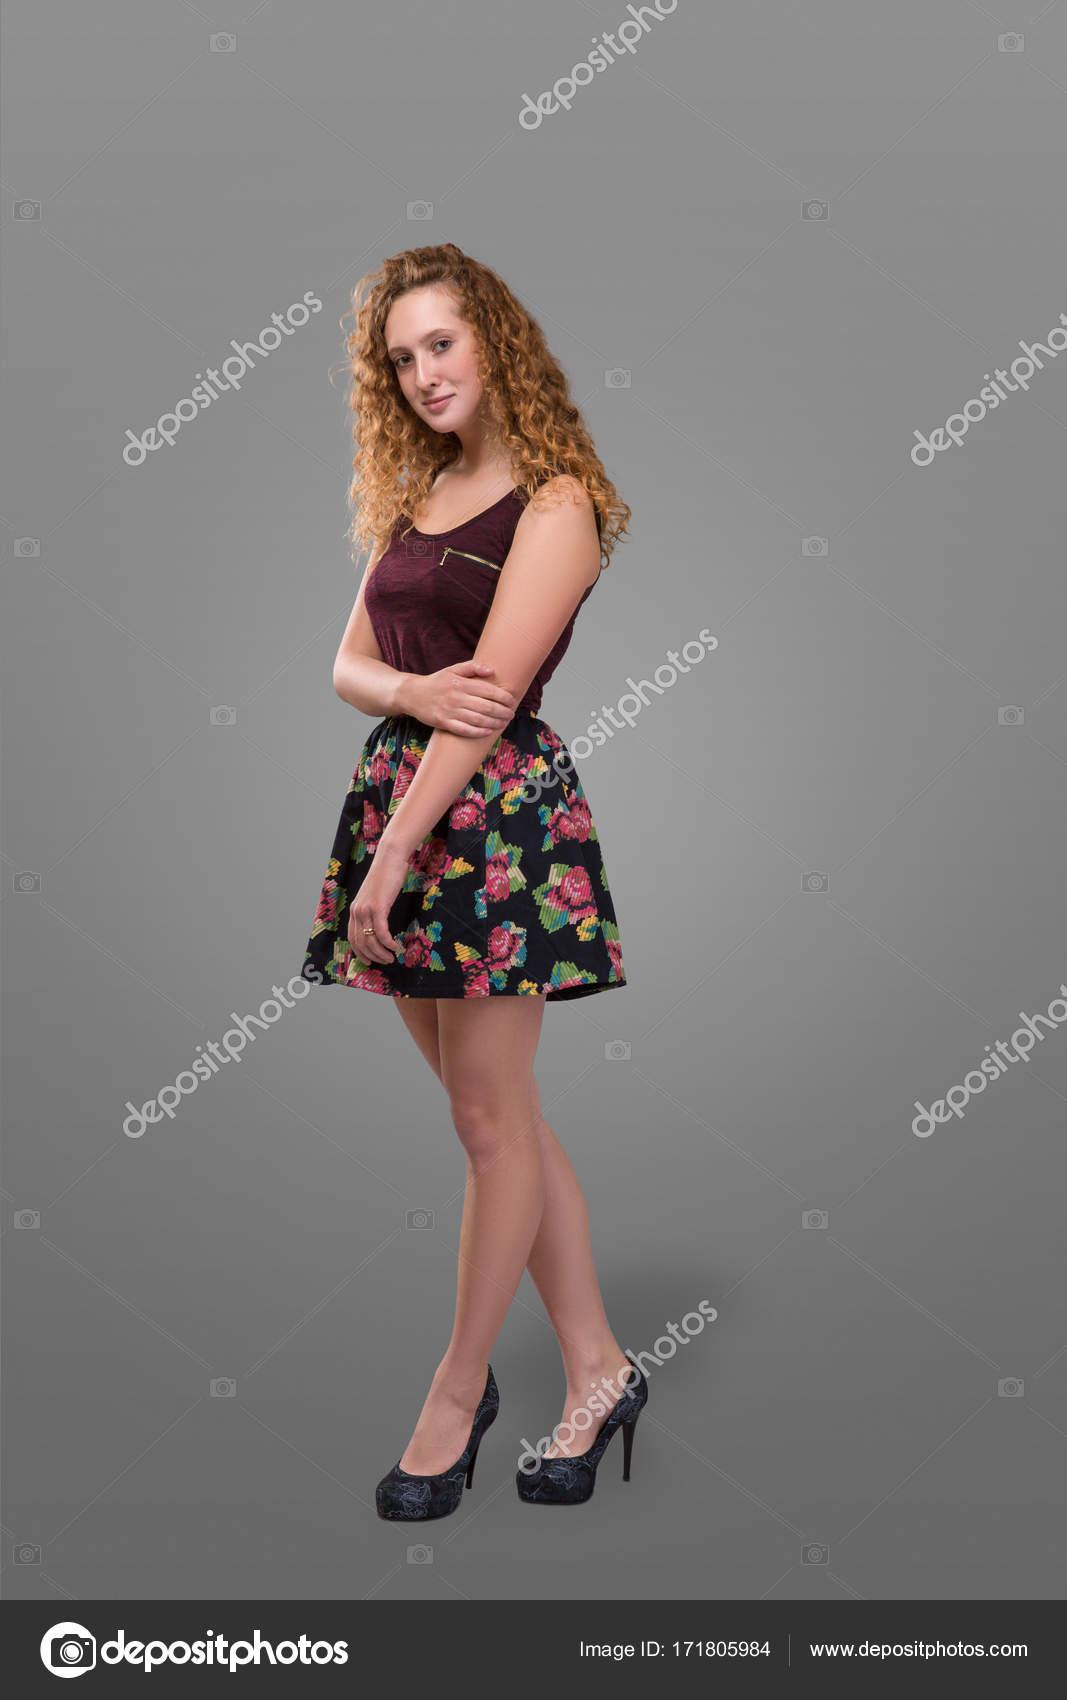 33150ef9bc Bonita talla grande joven pelirroja y pelo rizado niña con falda corta con  estampado floral aislado sobre fondo gris. Además de su tamaño - imágenes   faldas ...